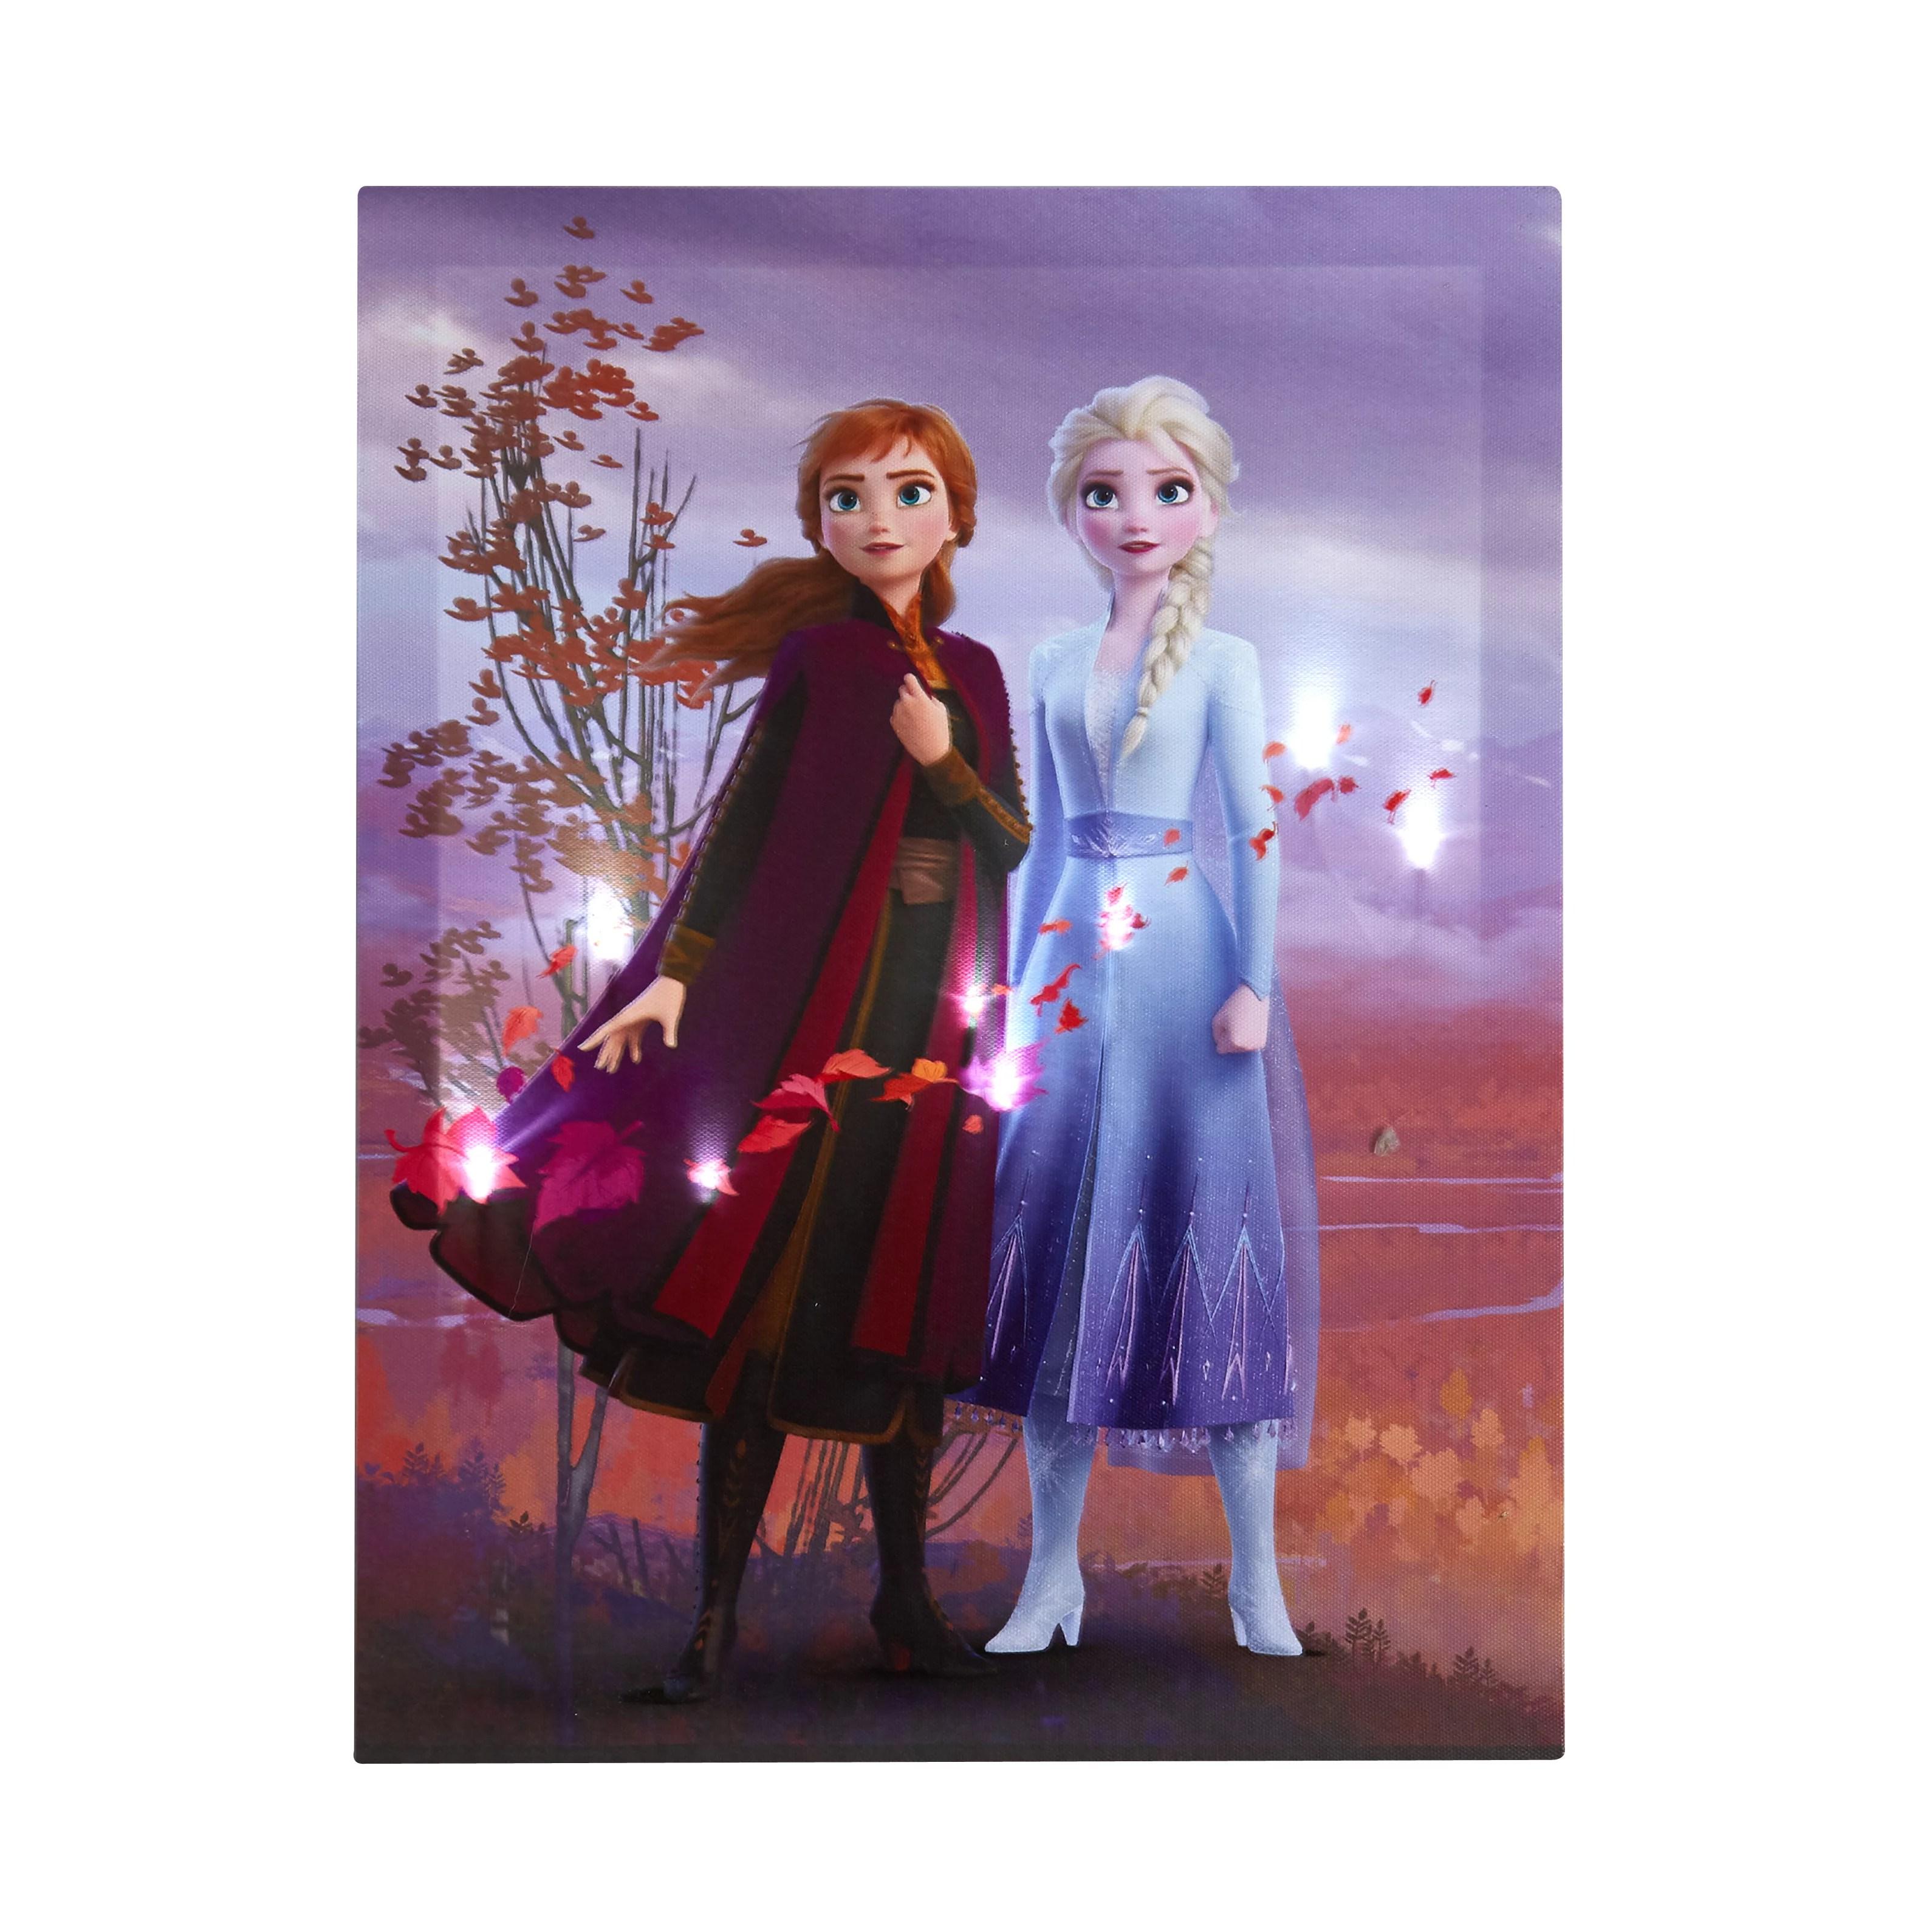 Disney Frozen 2 Led Canvas Wall Art Feat Elsa Anna Walmart Com Walmart Com